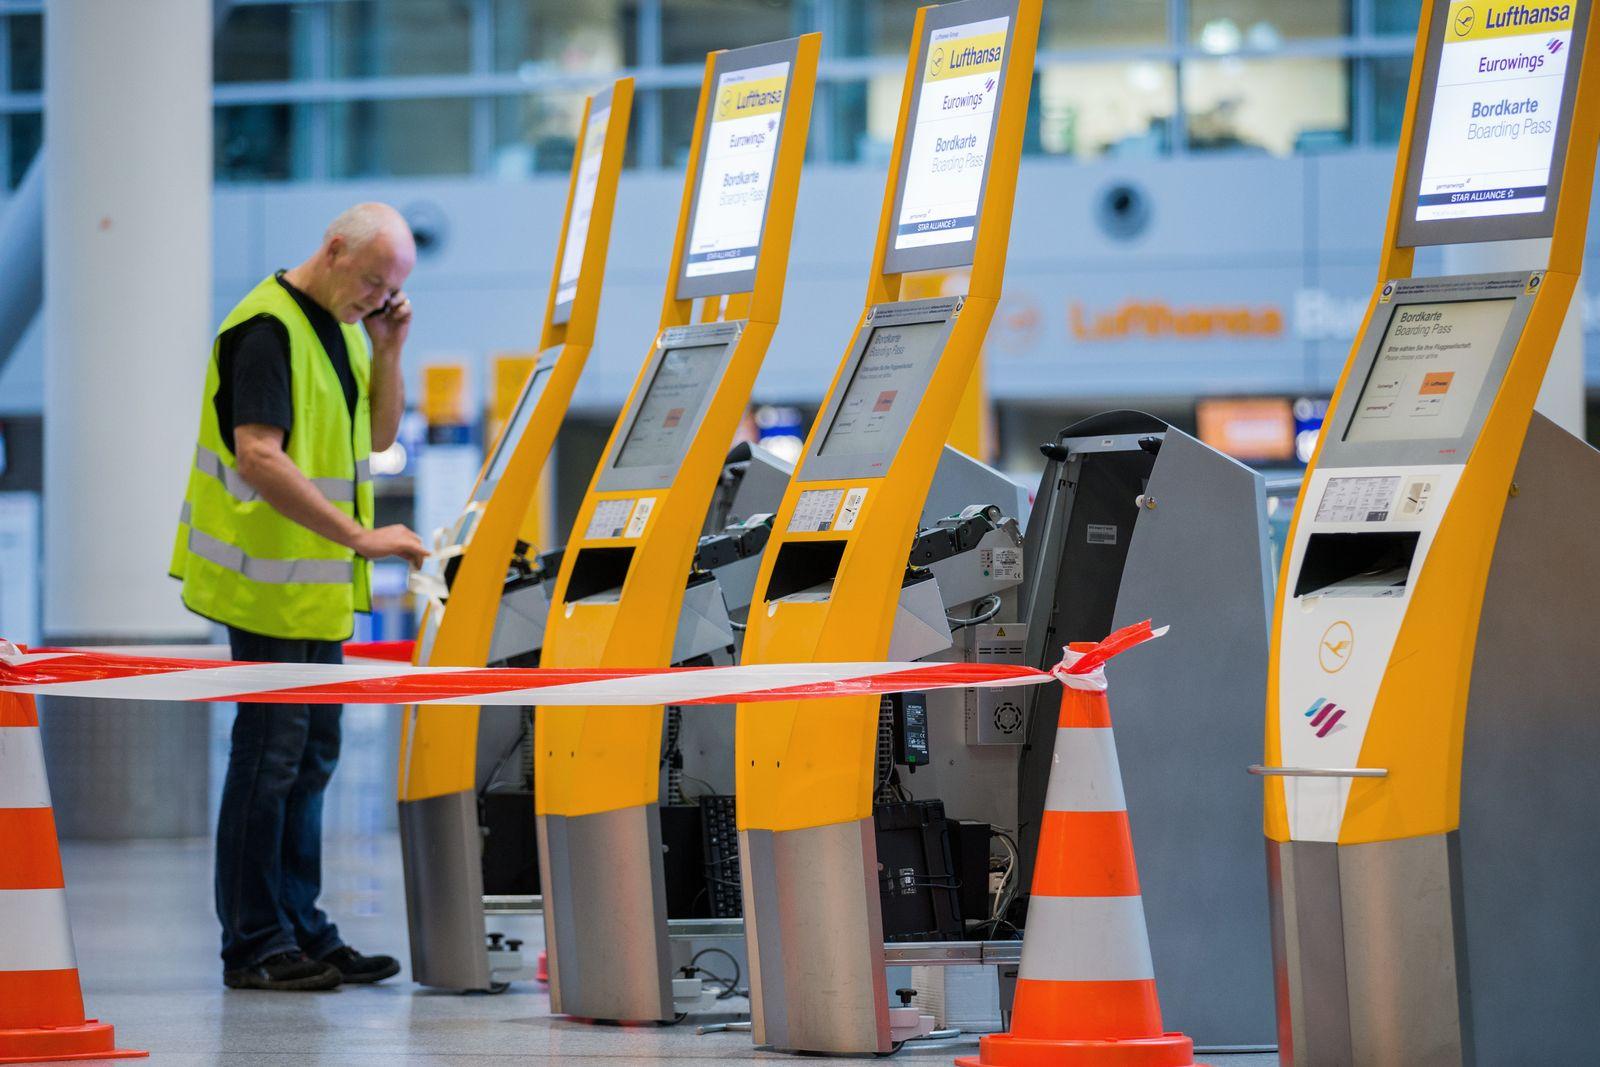 Streik bei Lufthansa - Düsseldorf